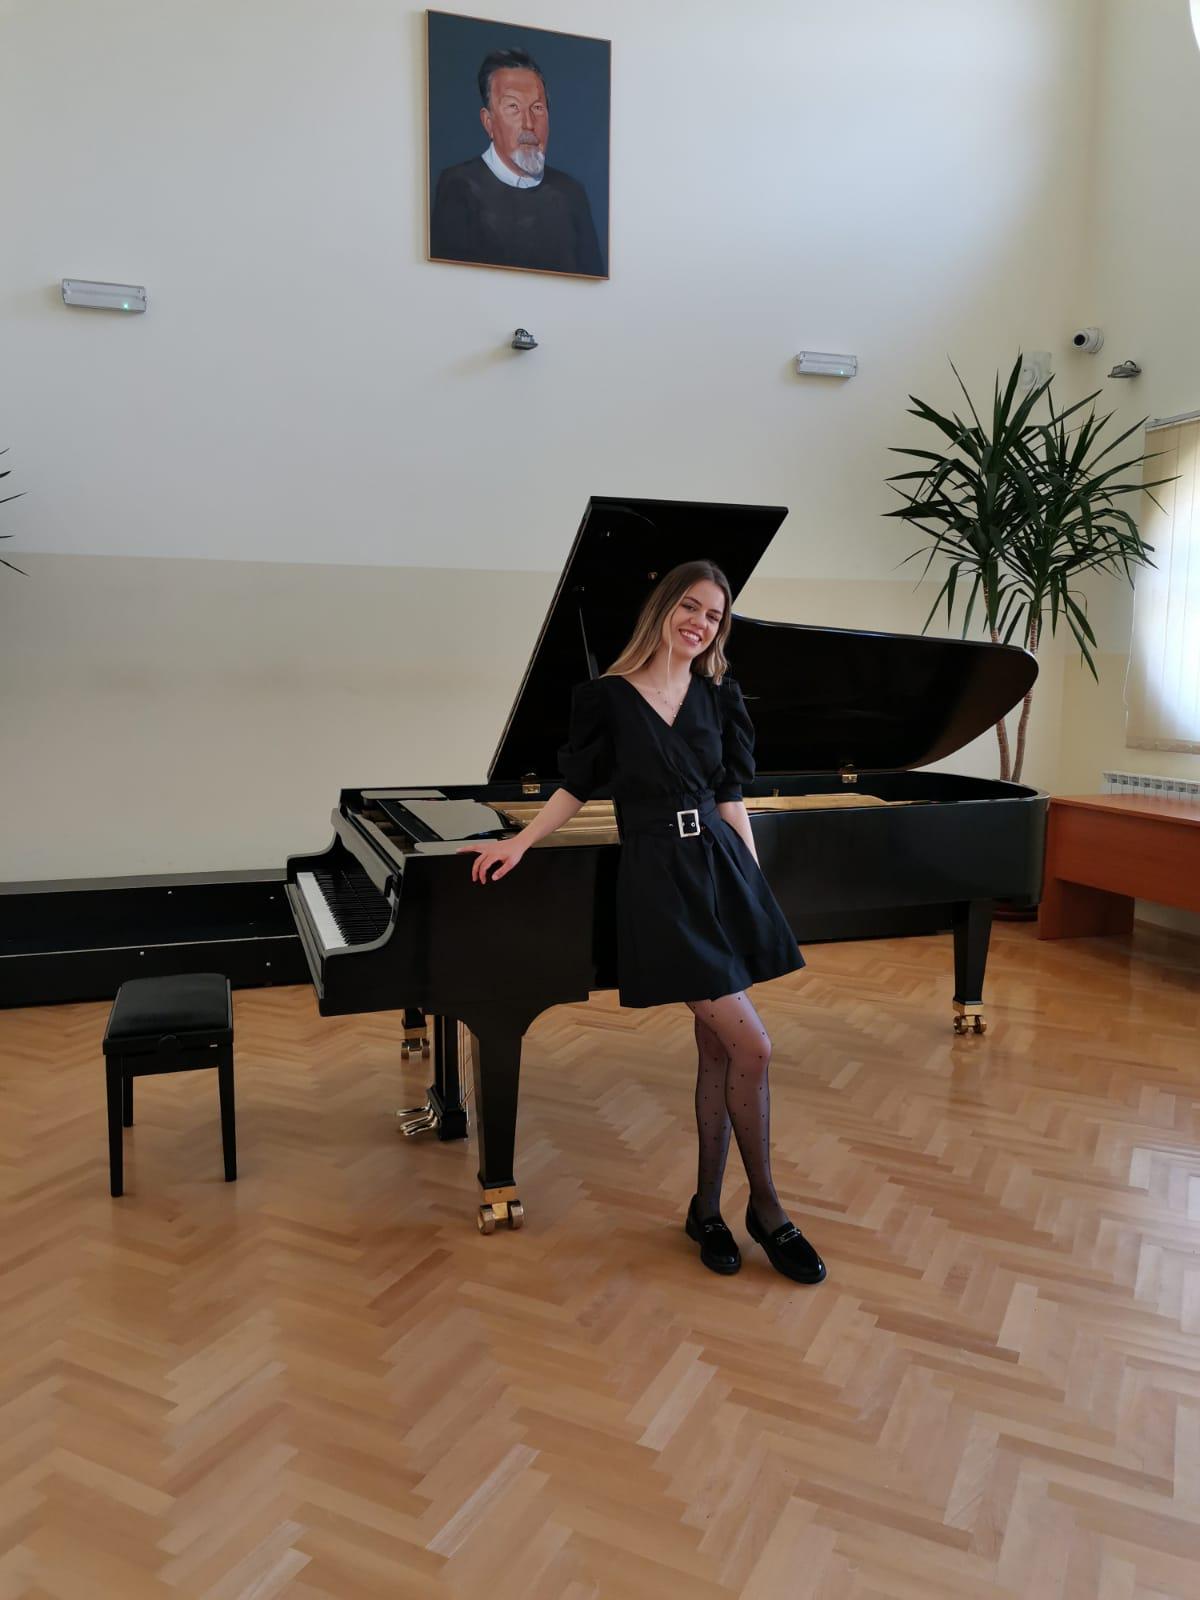 Кoncerti Milice Tadić, studenta Akademije umjetnosti Univerziteta u Banjoj Luci